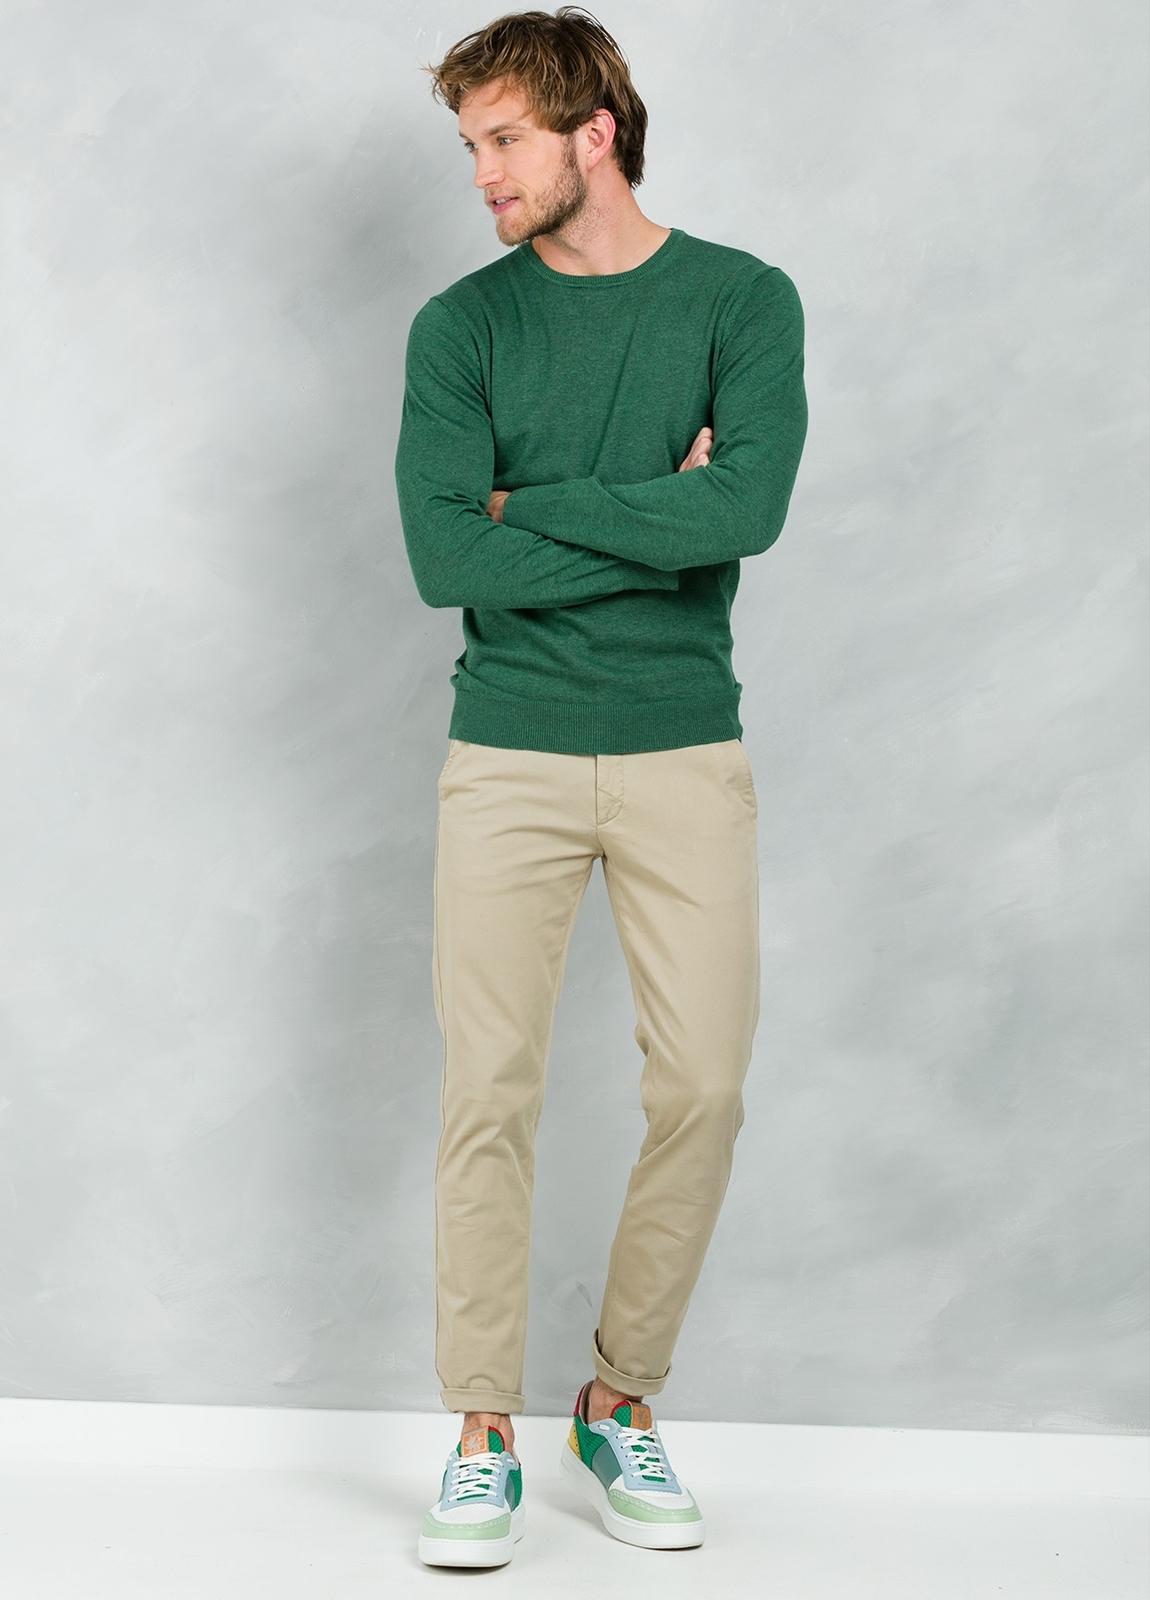 Jersey Casual Wear, SLIM FIT cuello redondo color verde, 100% algodón